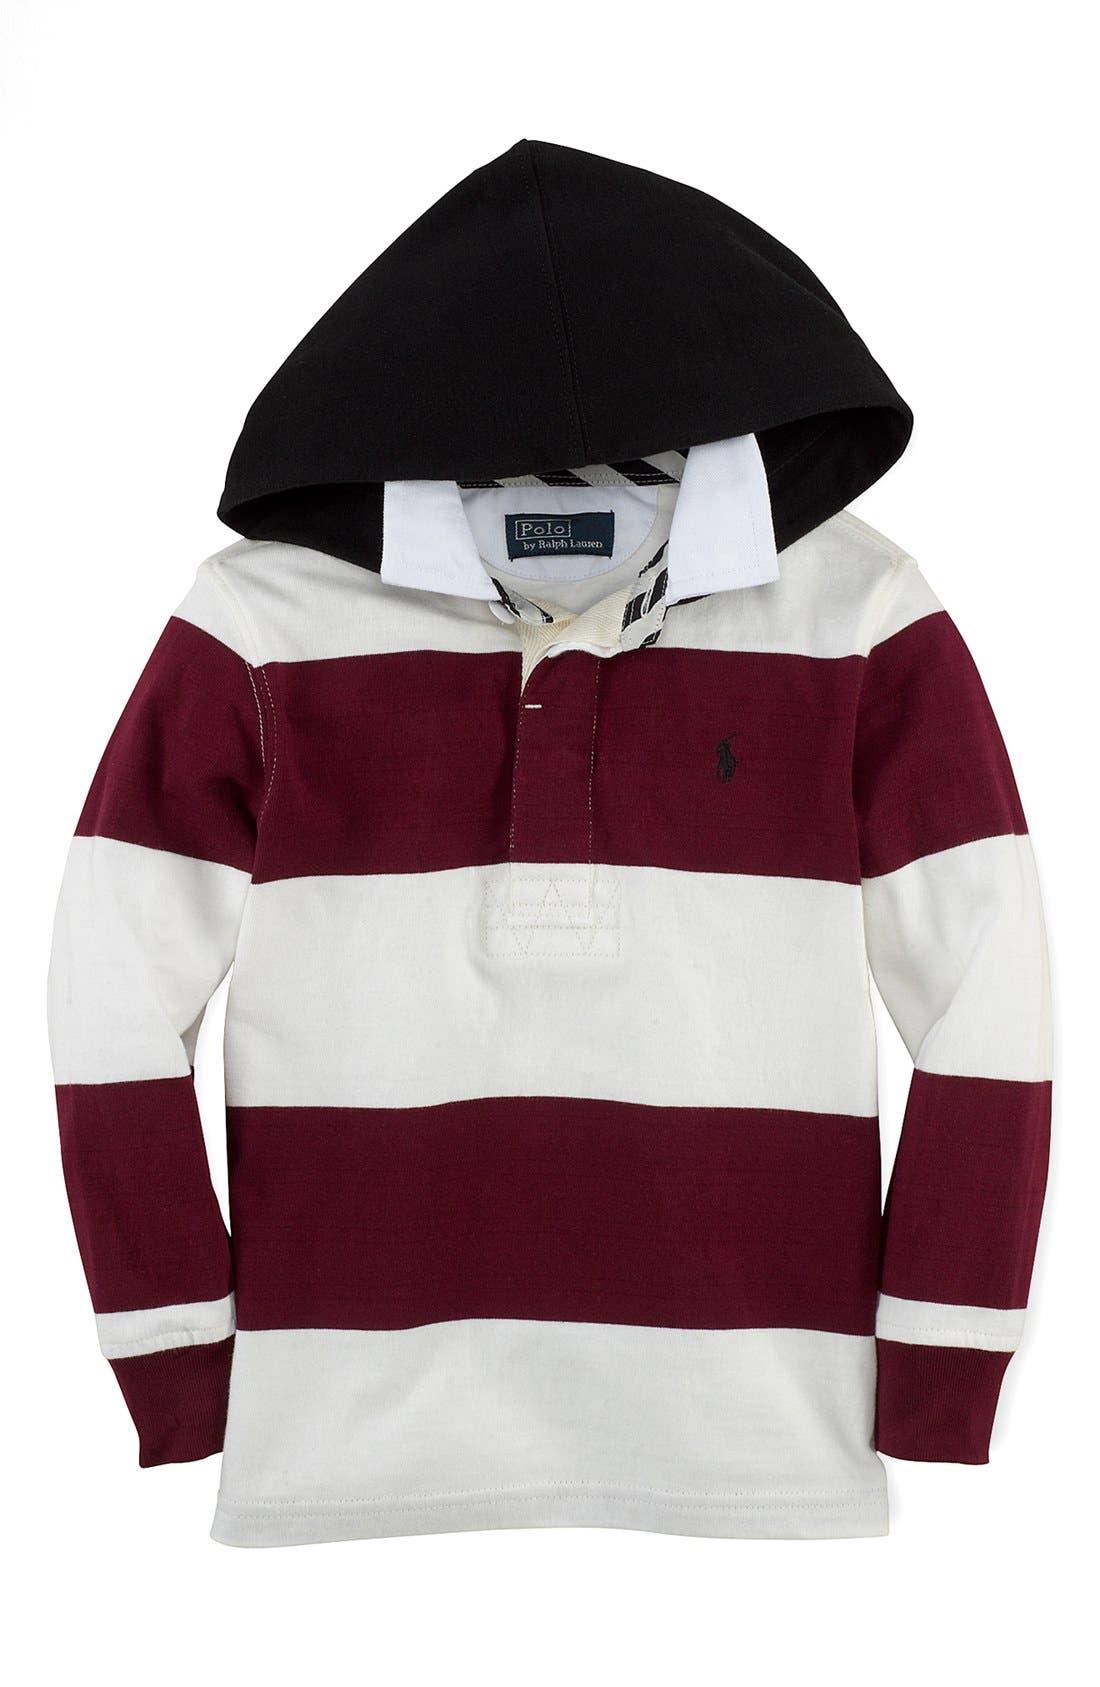 Alternate Image 1 Selected - Ralph Lauren Rugby Stripe Hoodie (Toddler Boys)